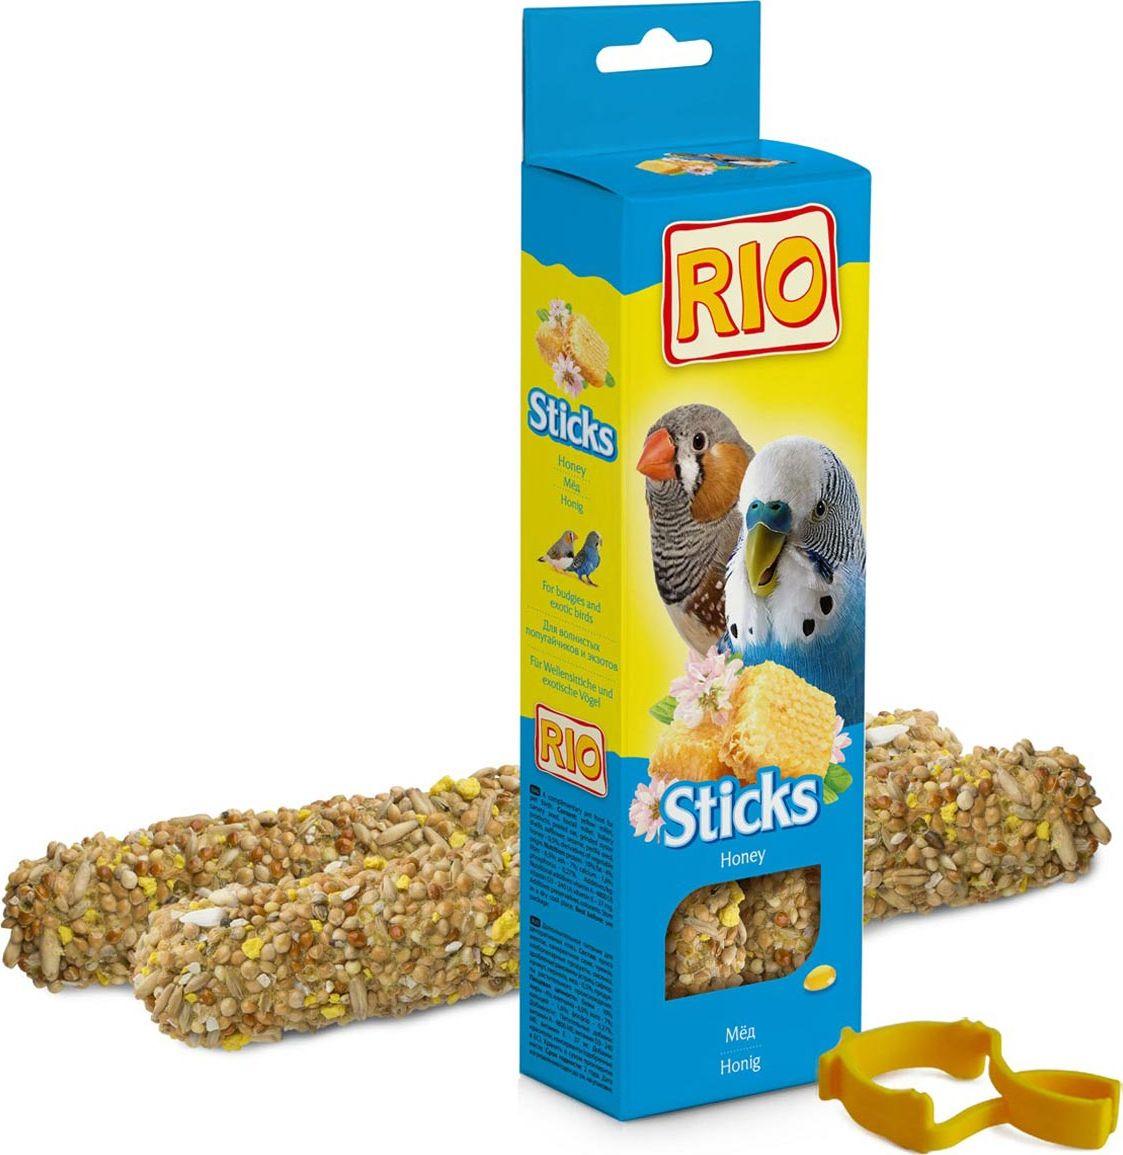 Лакомство для волнистых попугайчиков и экзотов RIO Sticks, с медом, 2 х 40 г rio rio палочки для канареек с медом и полезными семенами 2 шт 40 г